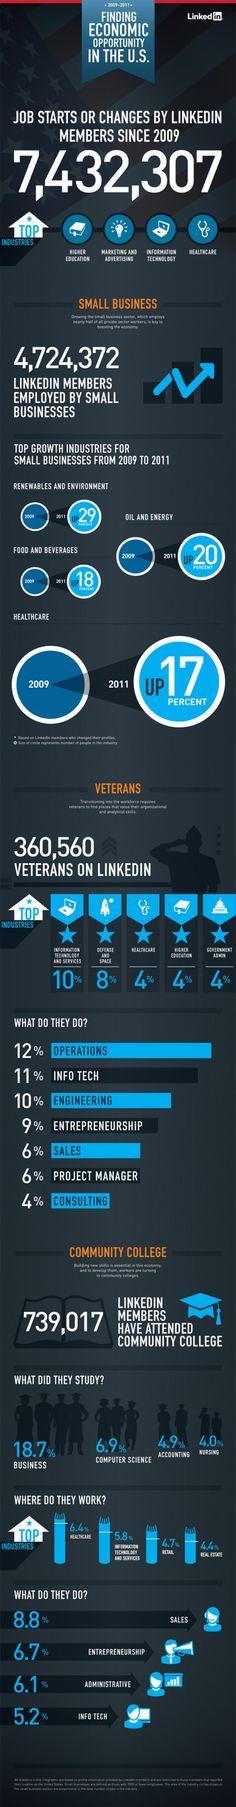 Linkedin y las oportunidades económicas #infografia #socialmedia